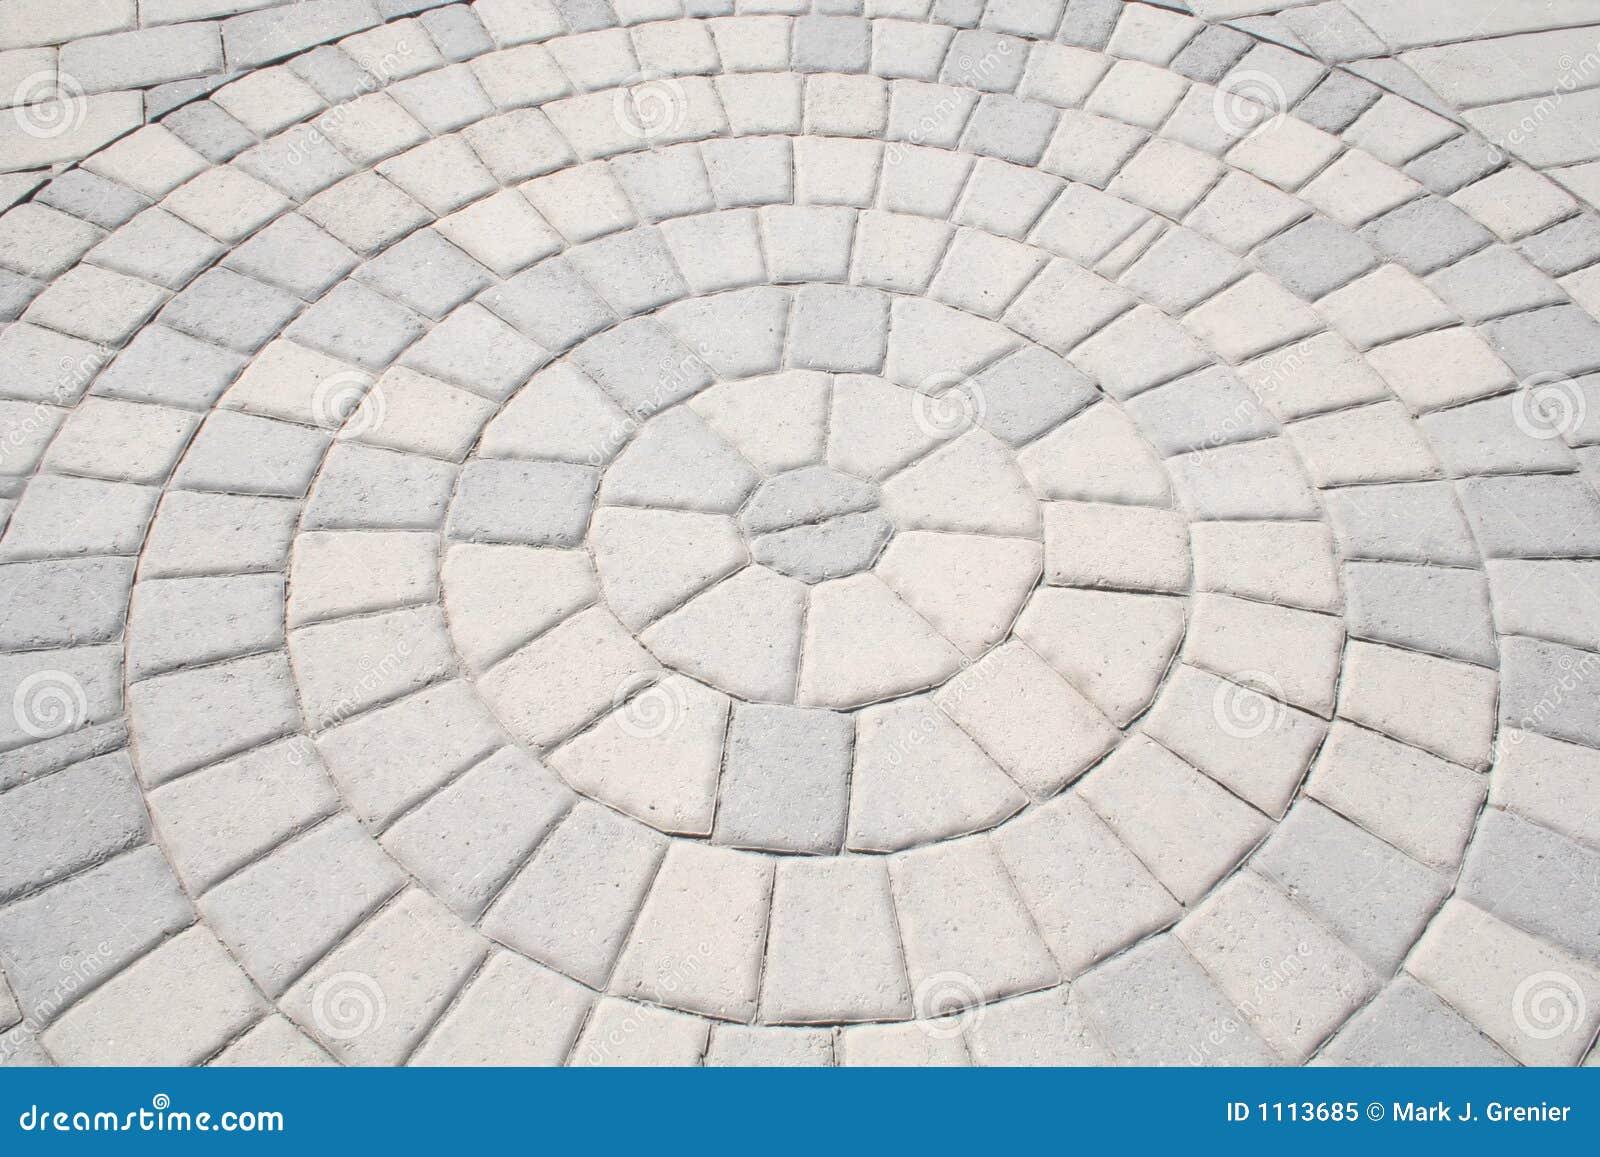 Sidewalk Abstract